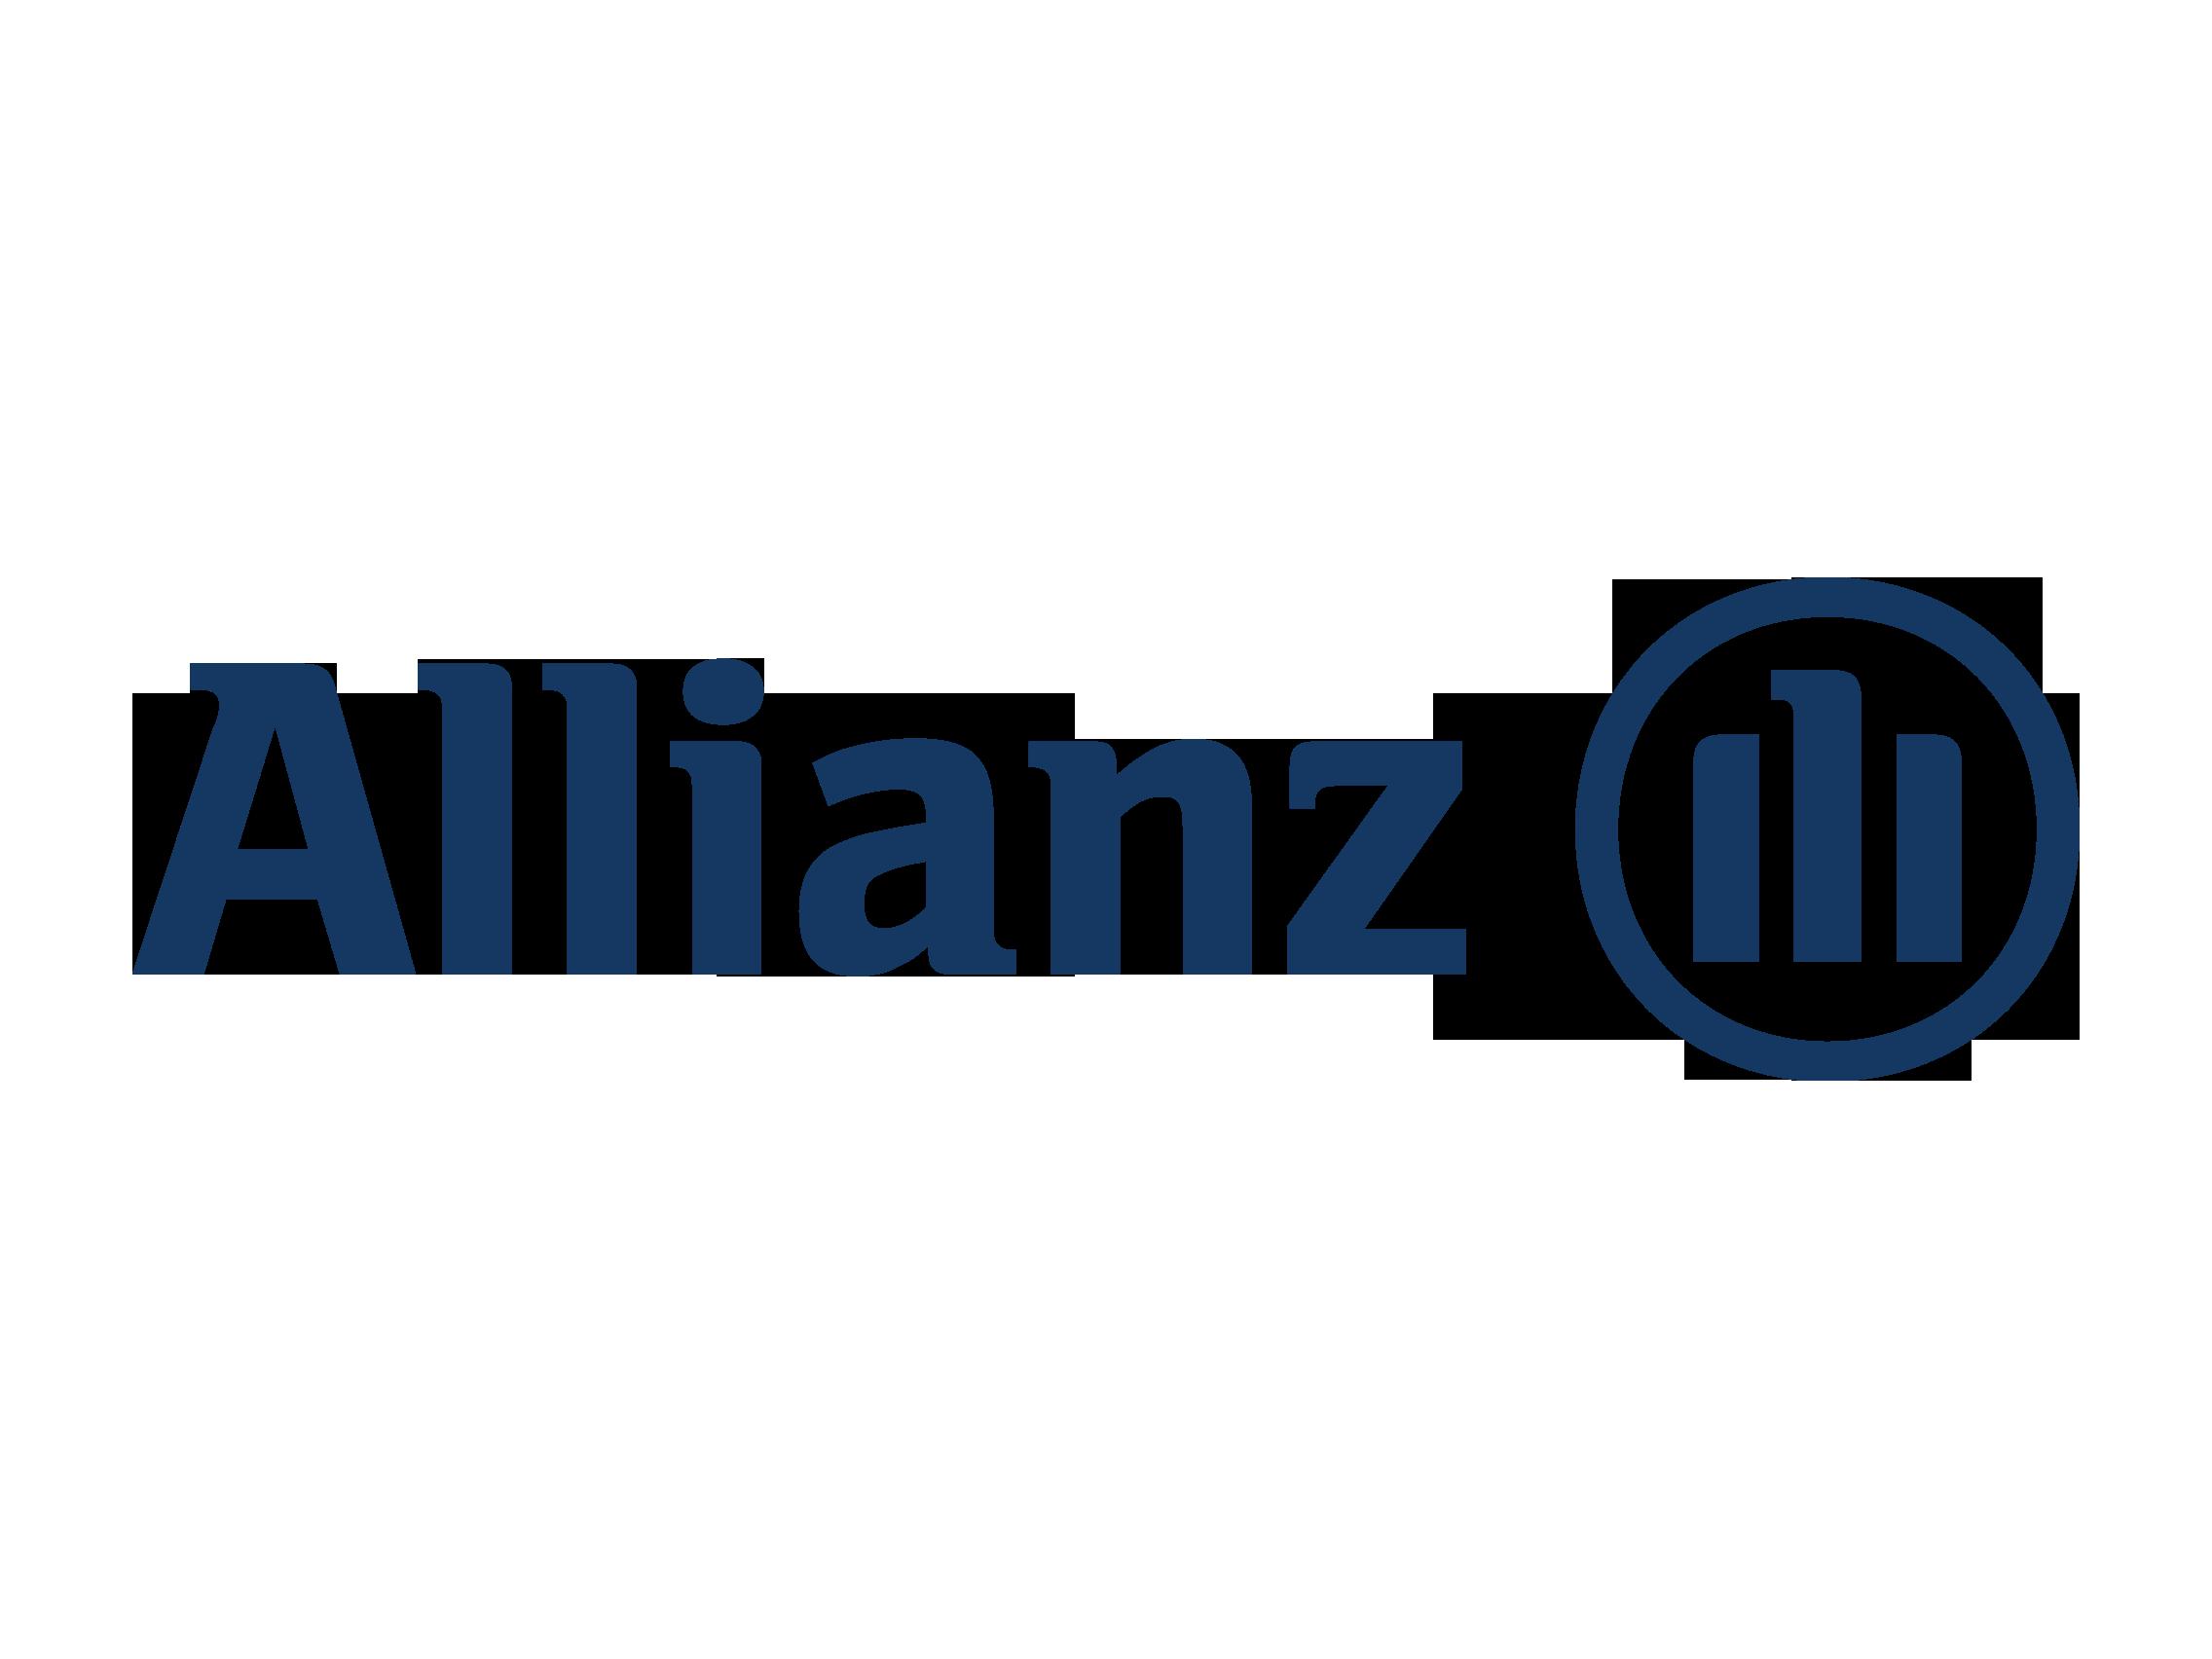 Allianz Logo photo - 1